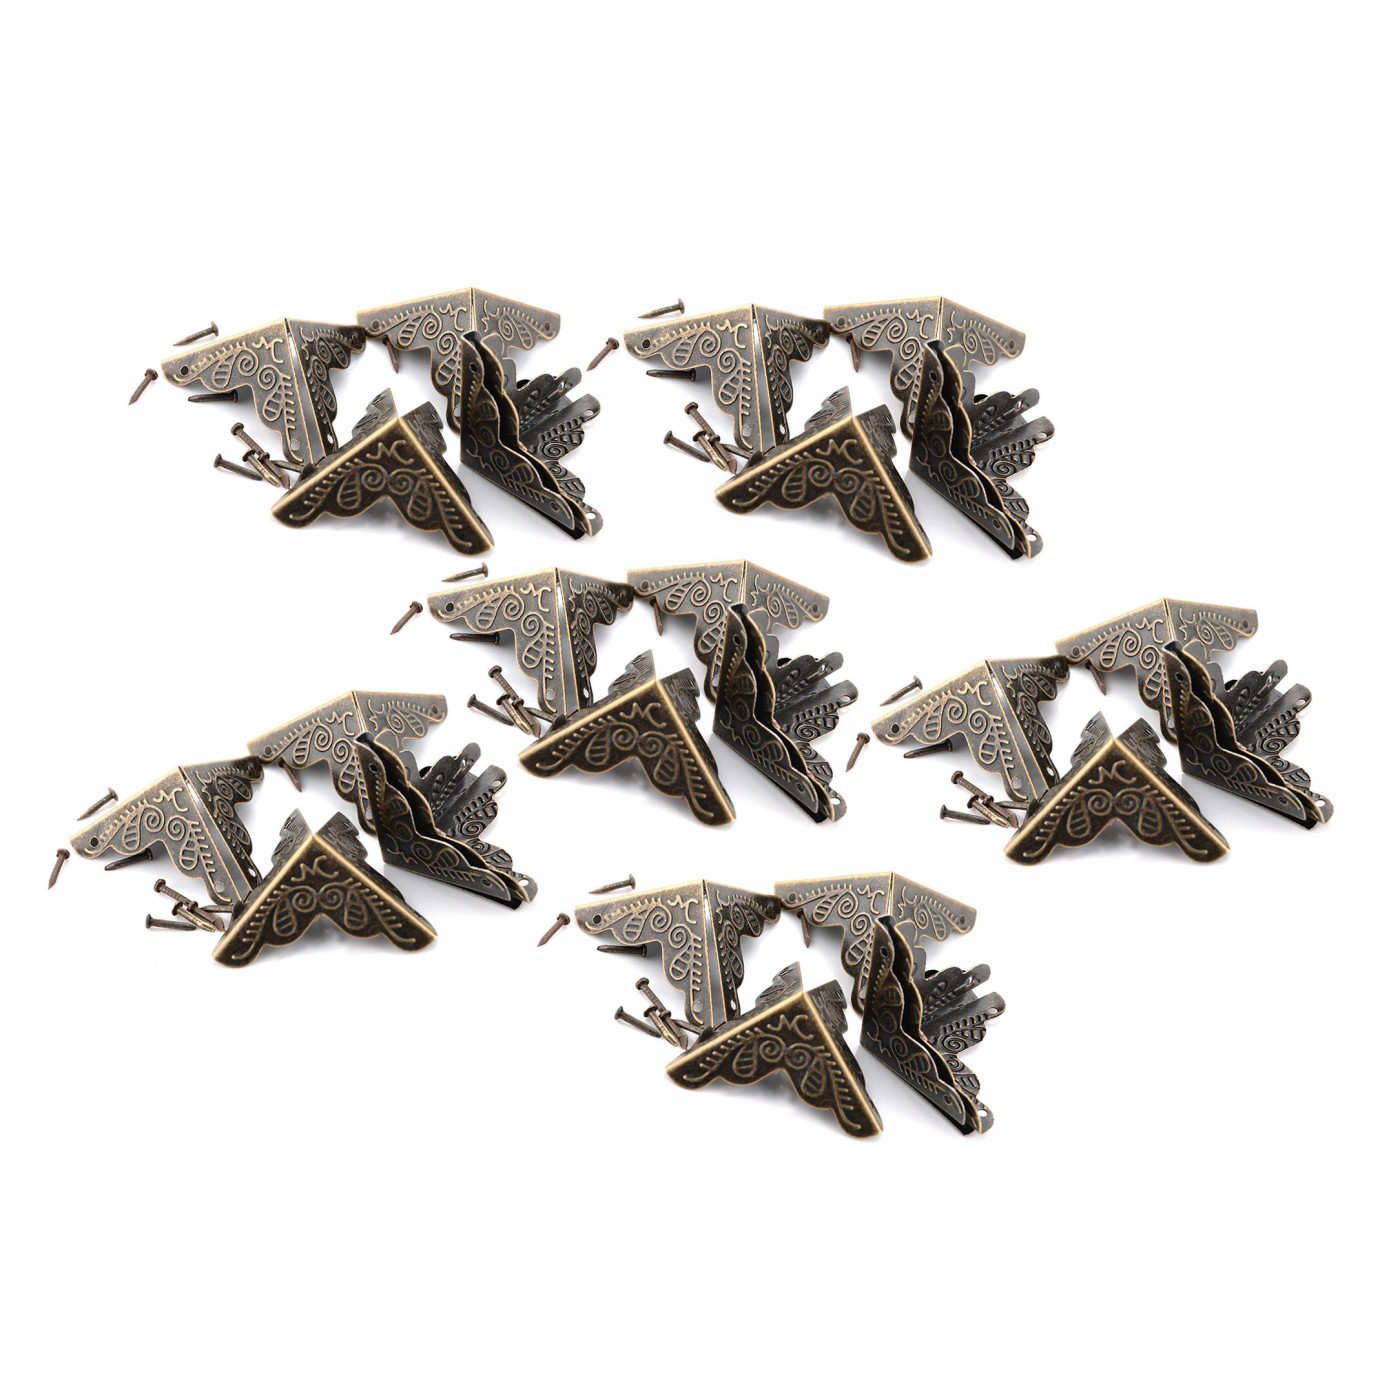 Set von 24 kleinen Kastenecken, 24 mm (Bronze, mit Nägeln)